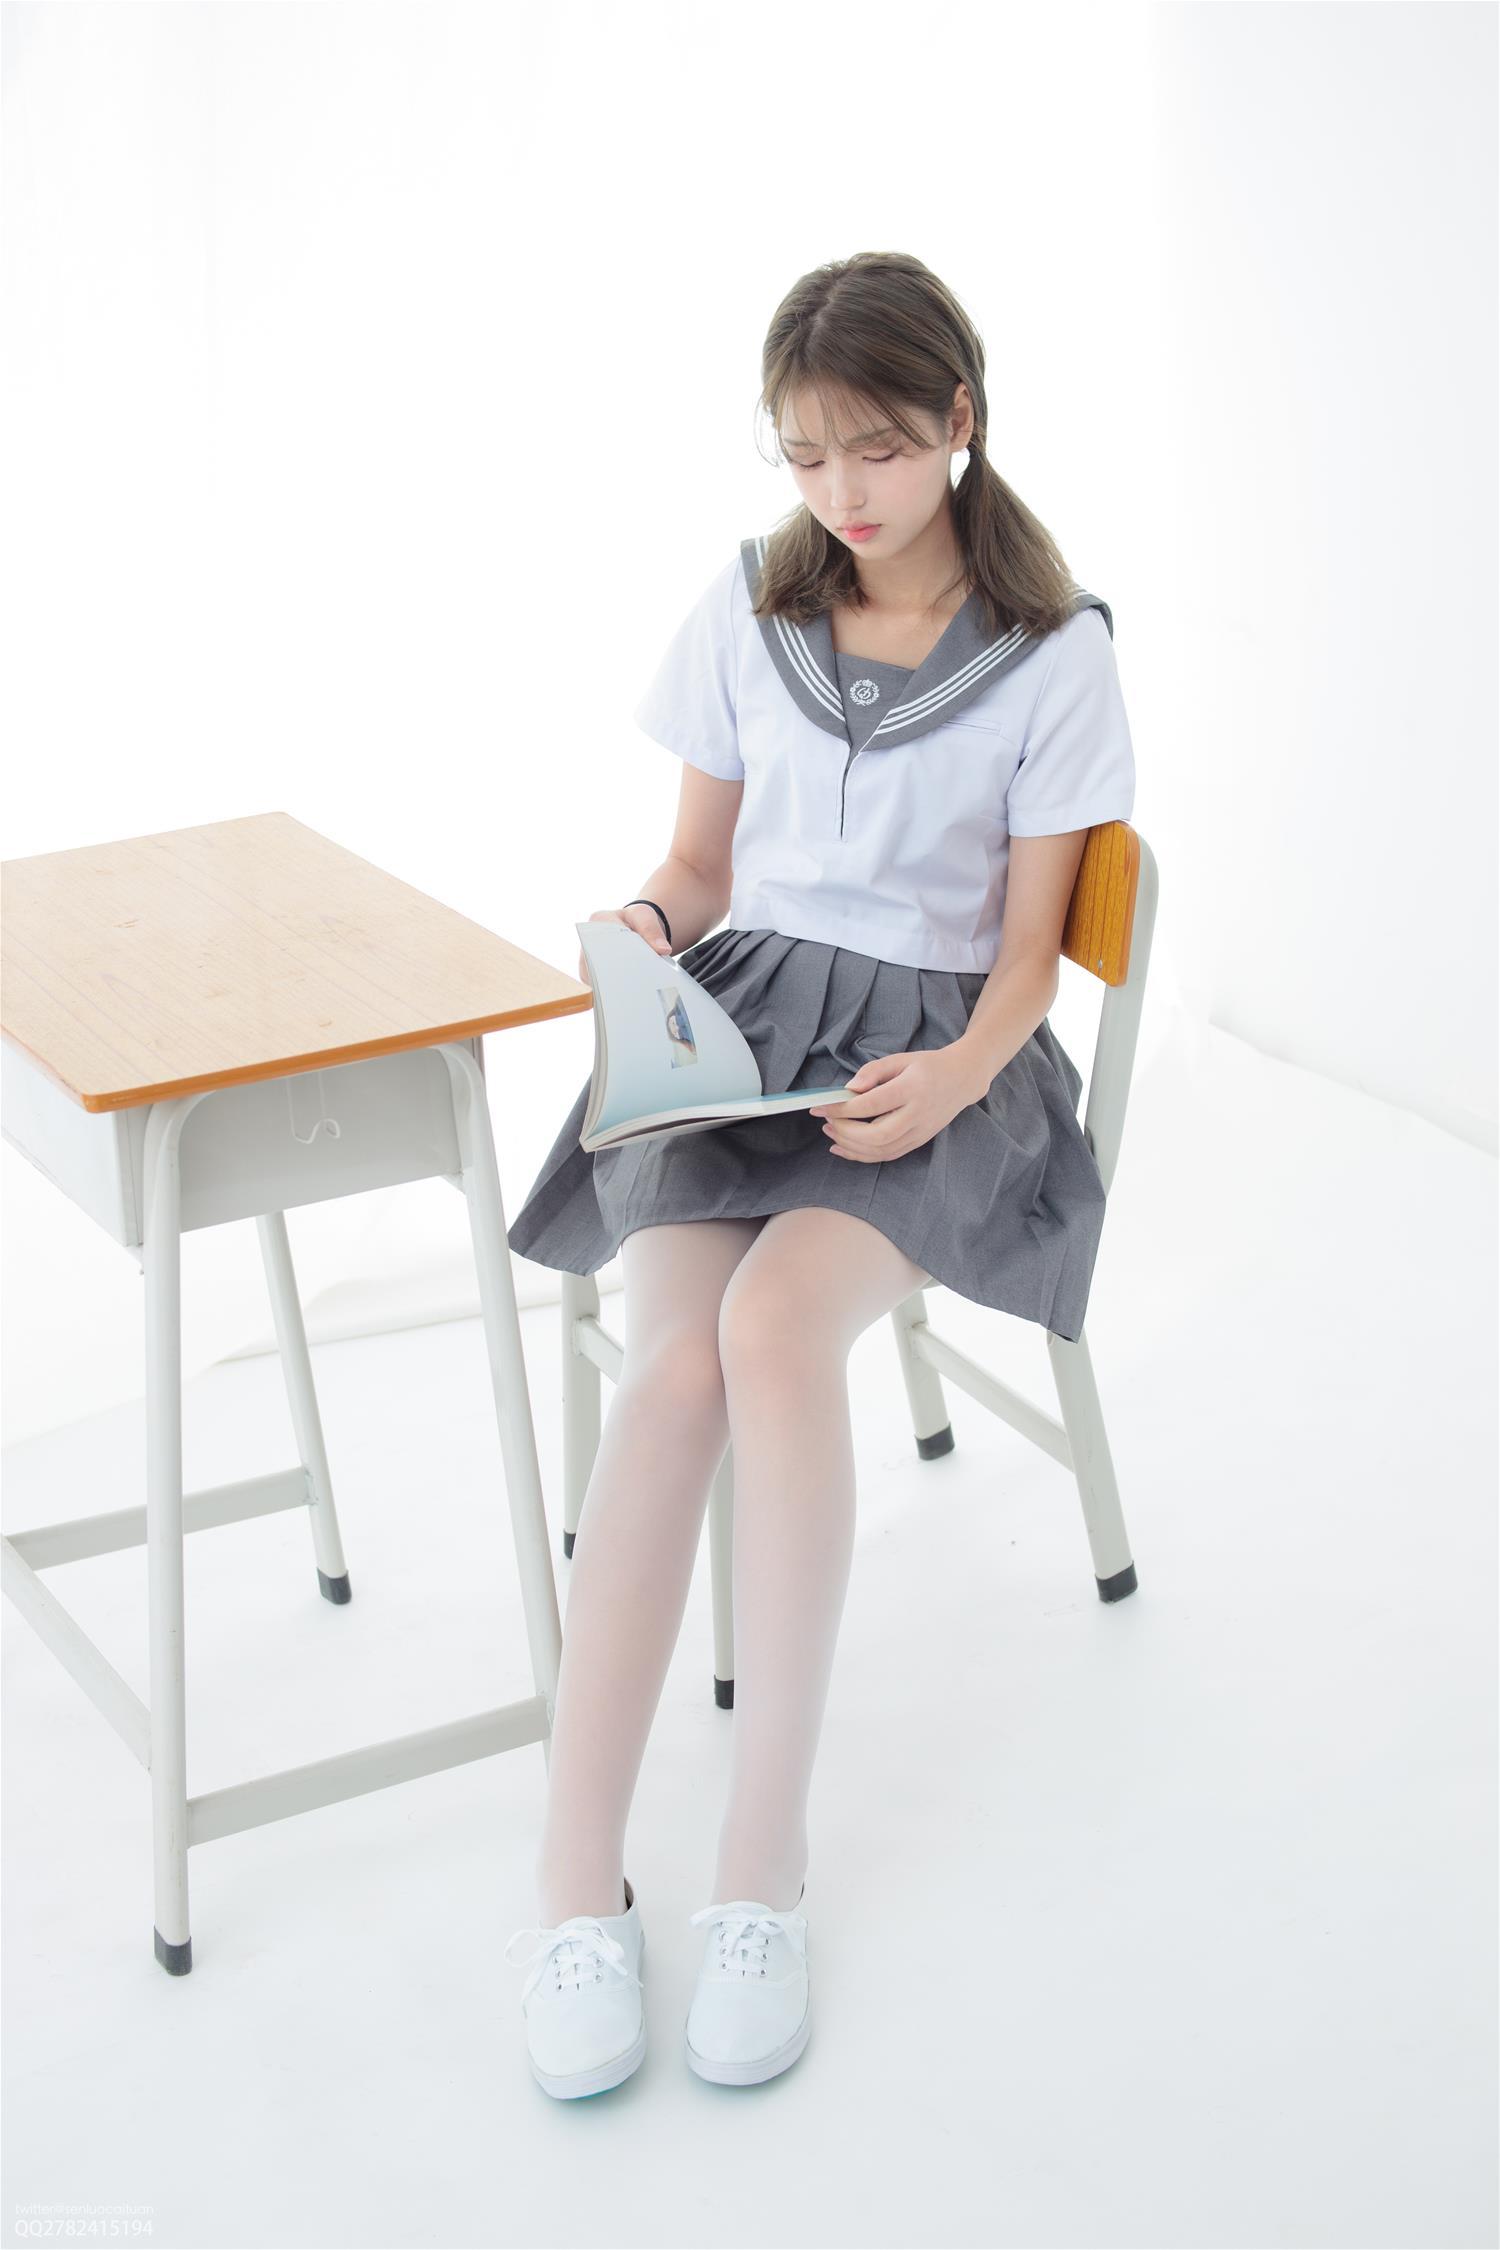 森萝财团 JKFUN-039 13D白丝网鞋合辑 默陌 [56P1V-1.93GB] 森萝财团-第3张